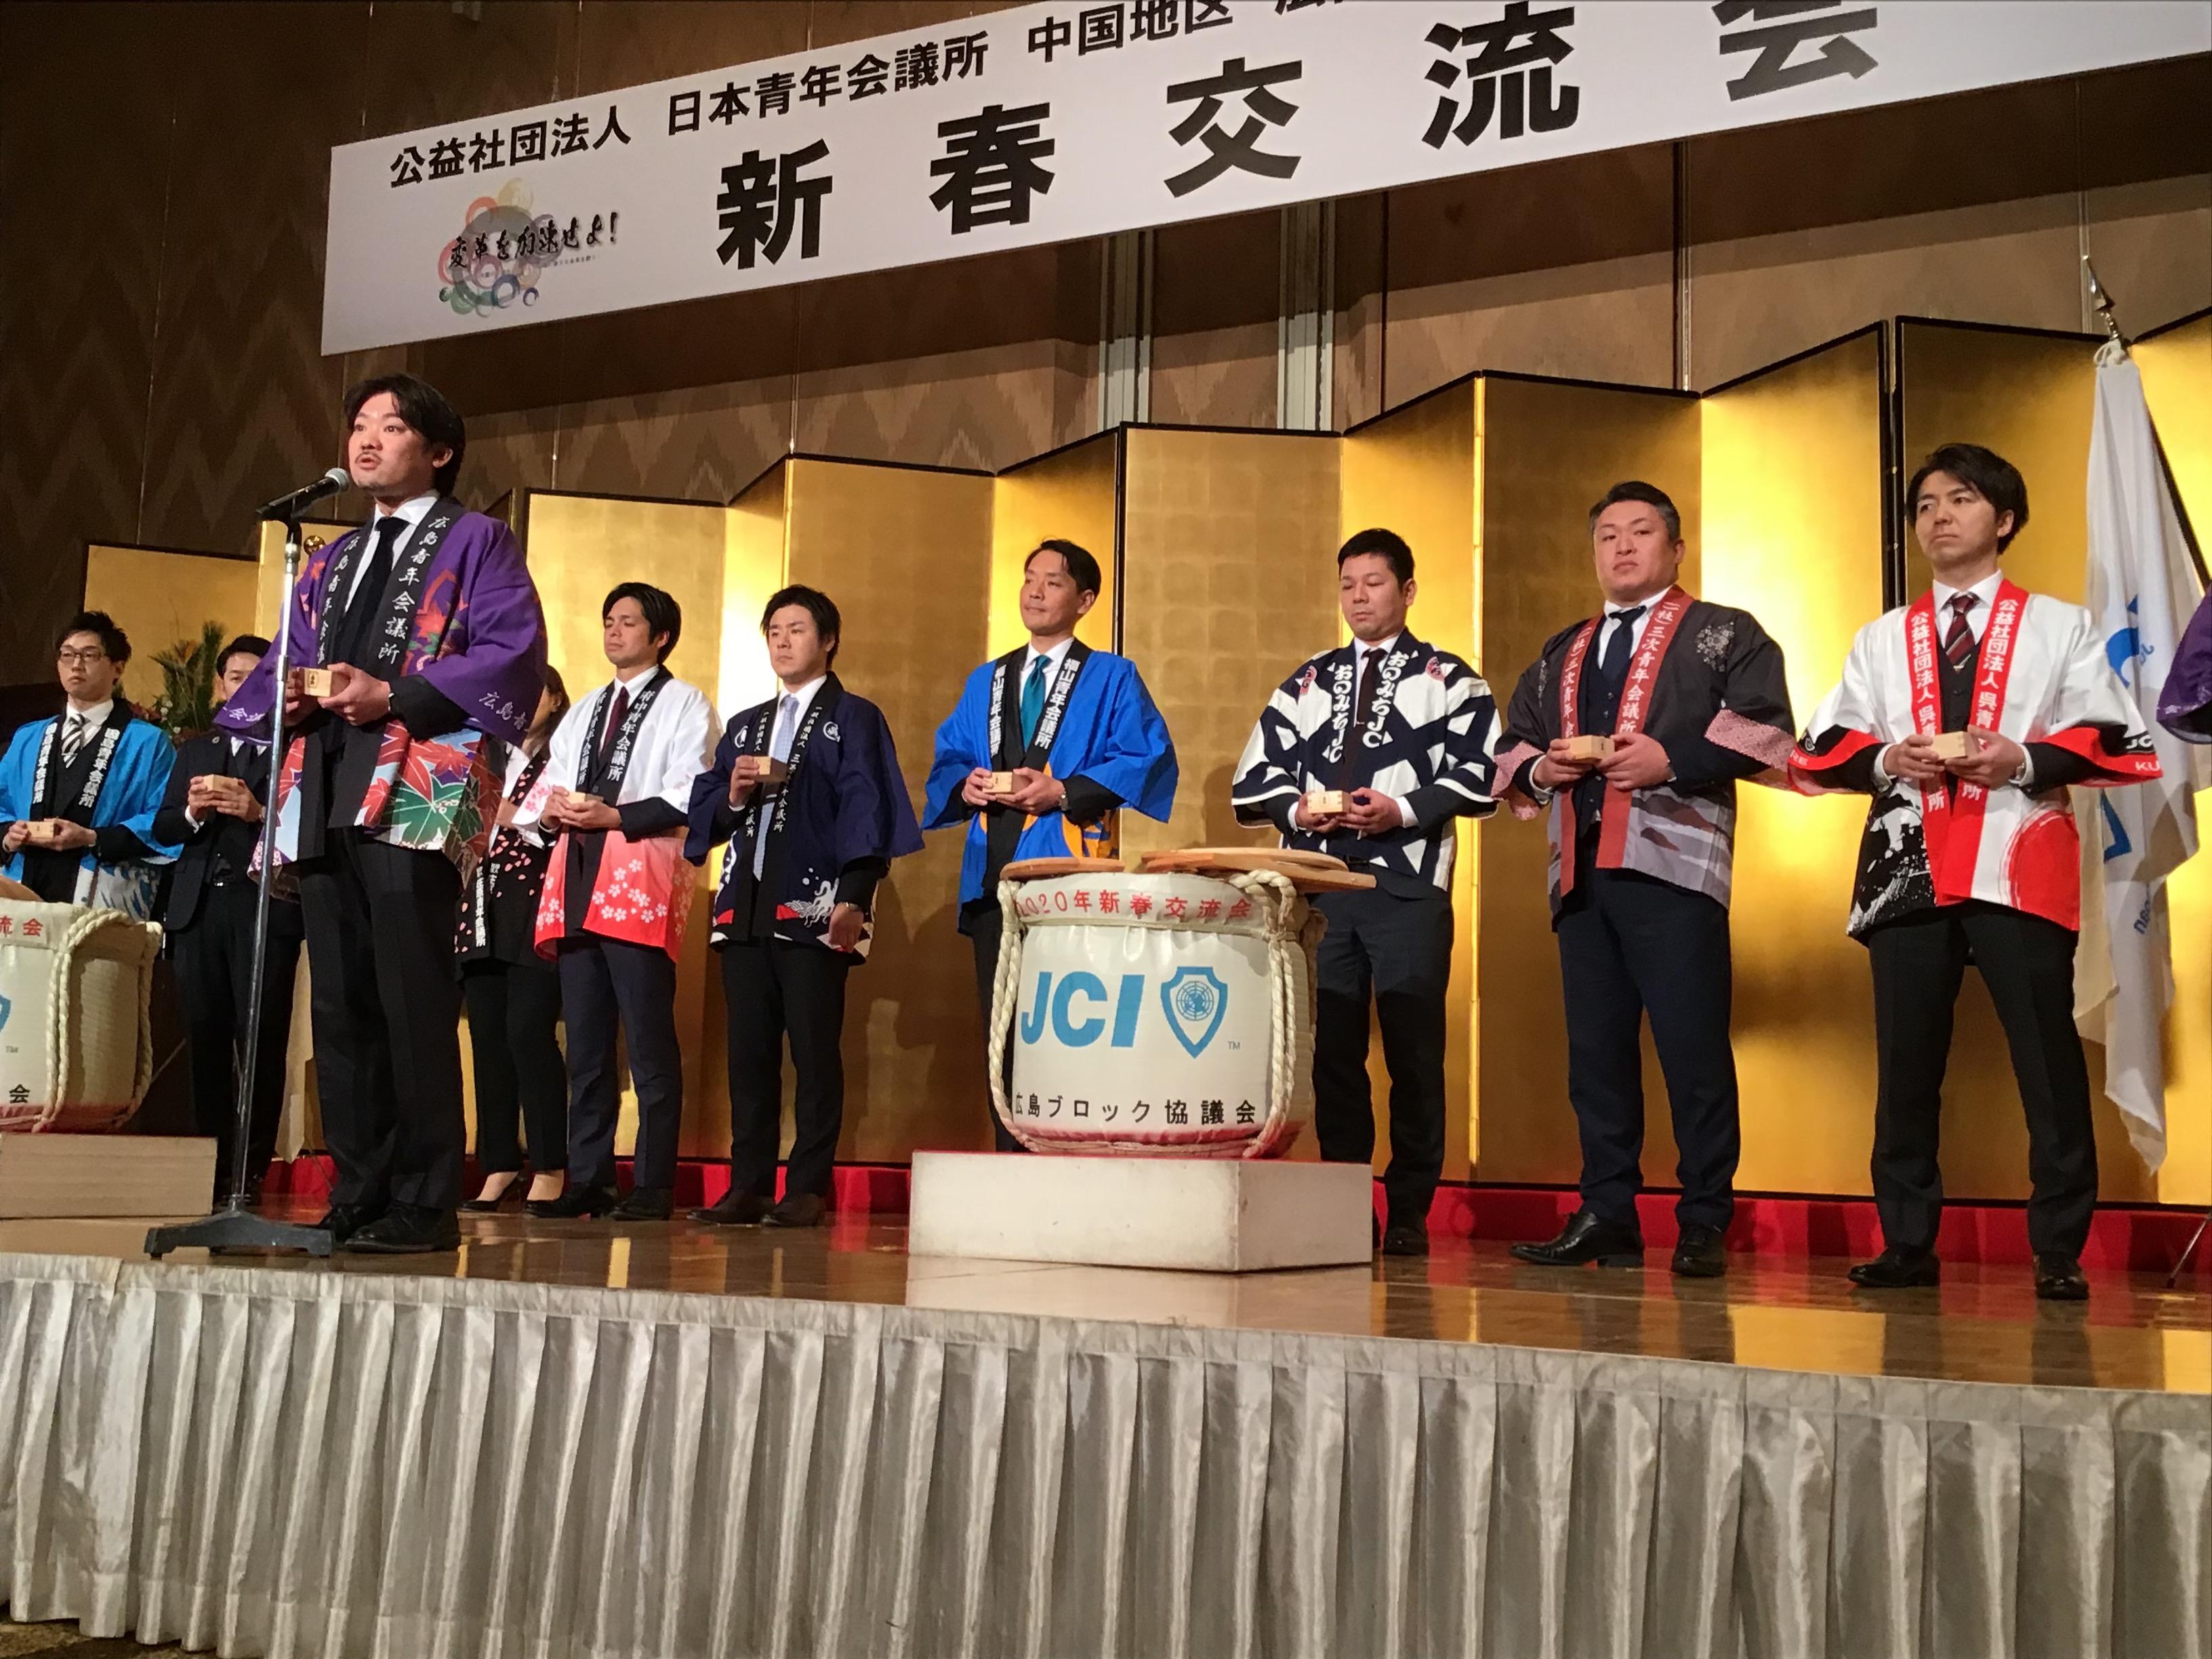 広島ブロック協議会 新春会議に参加いたしました。